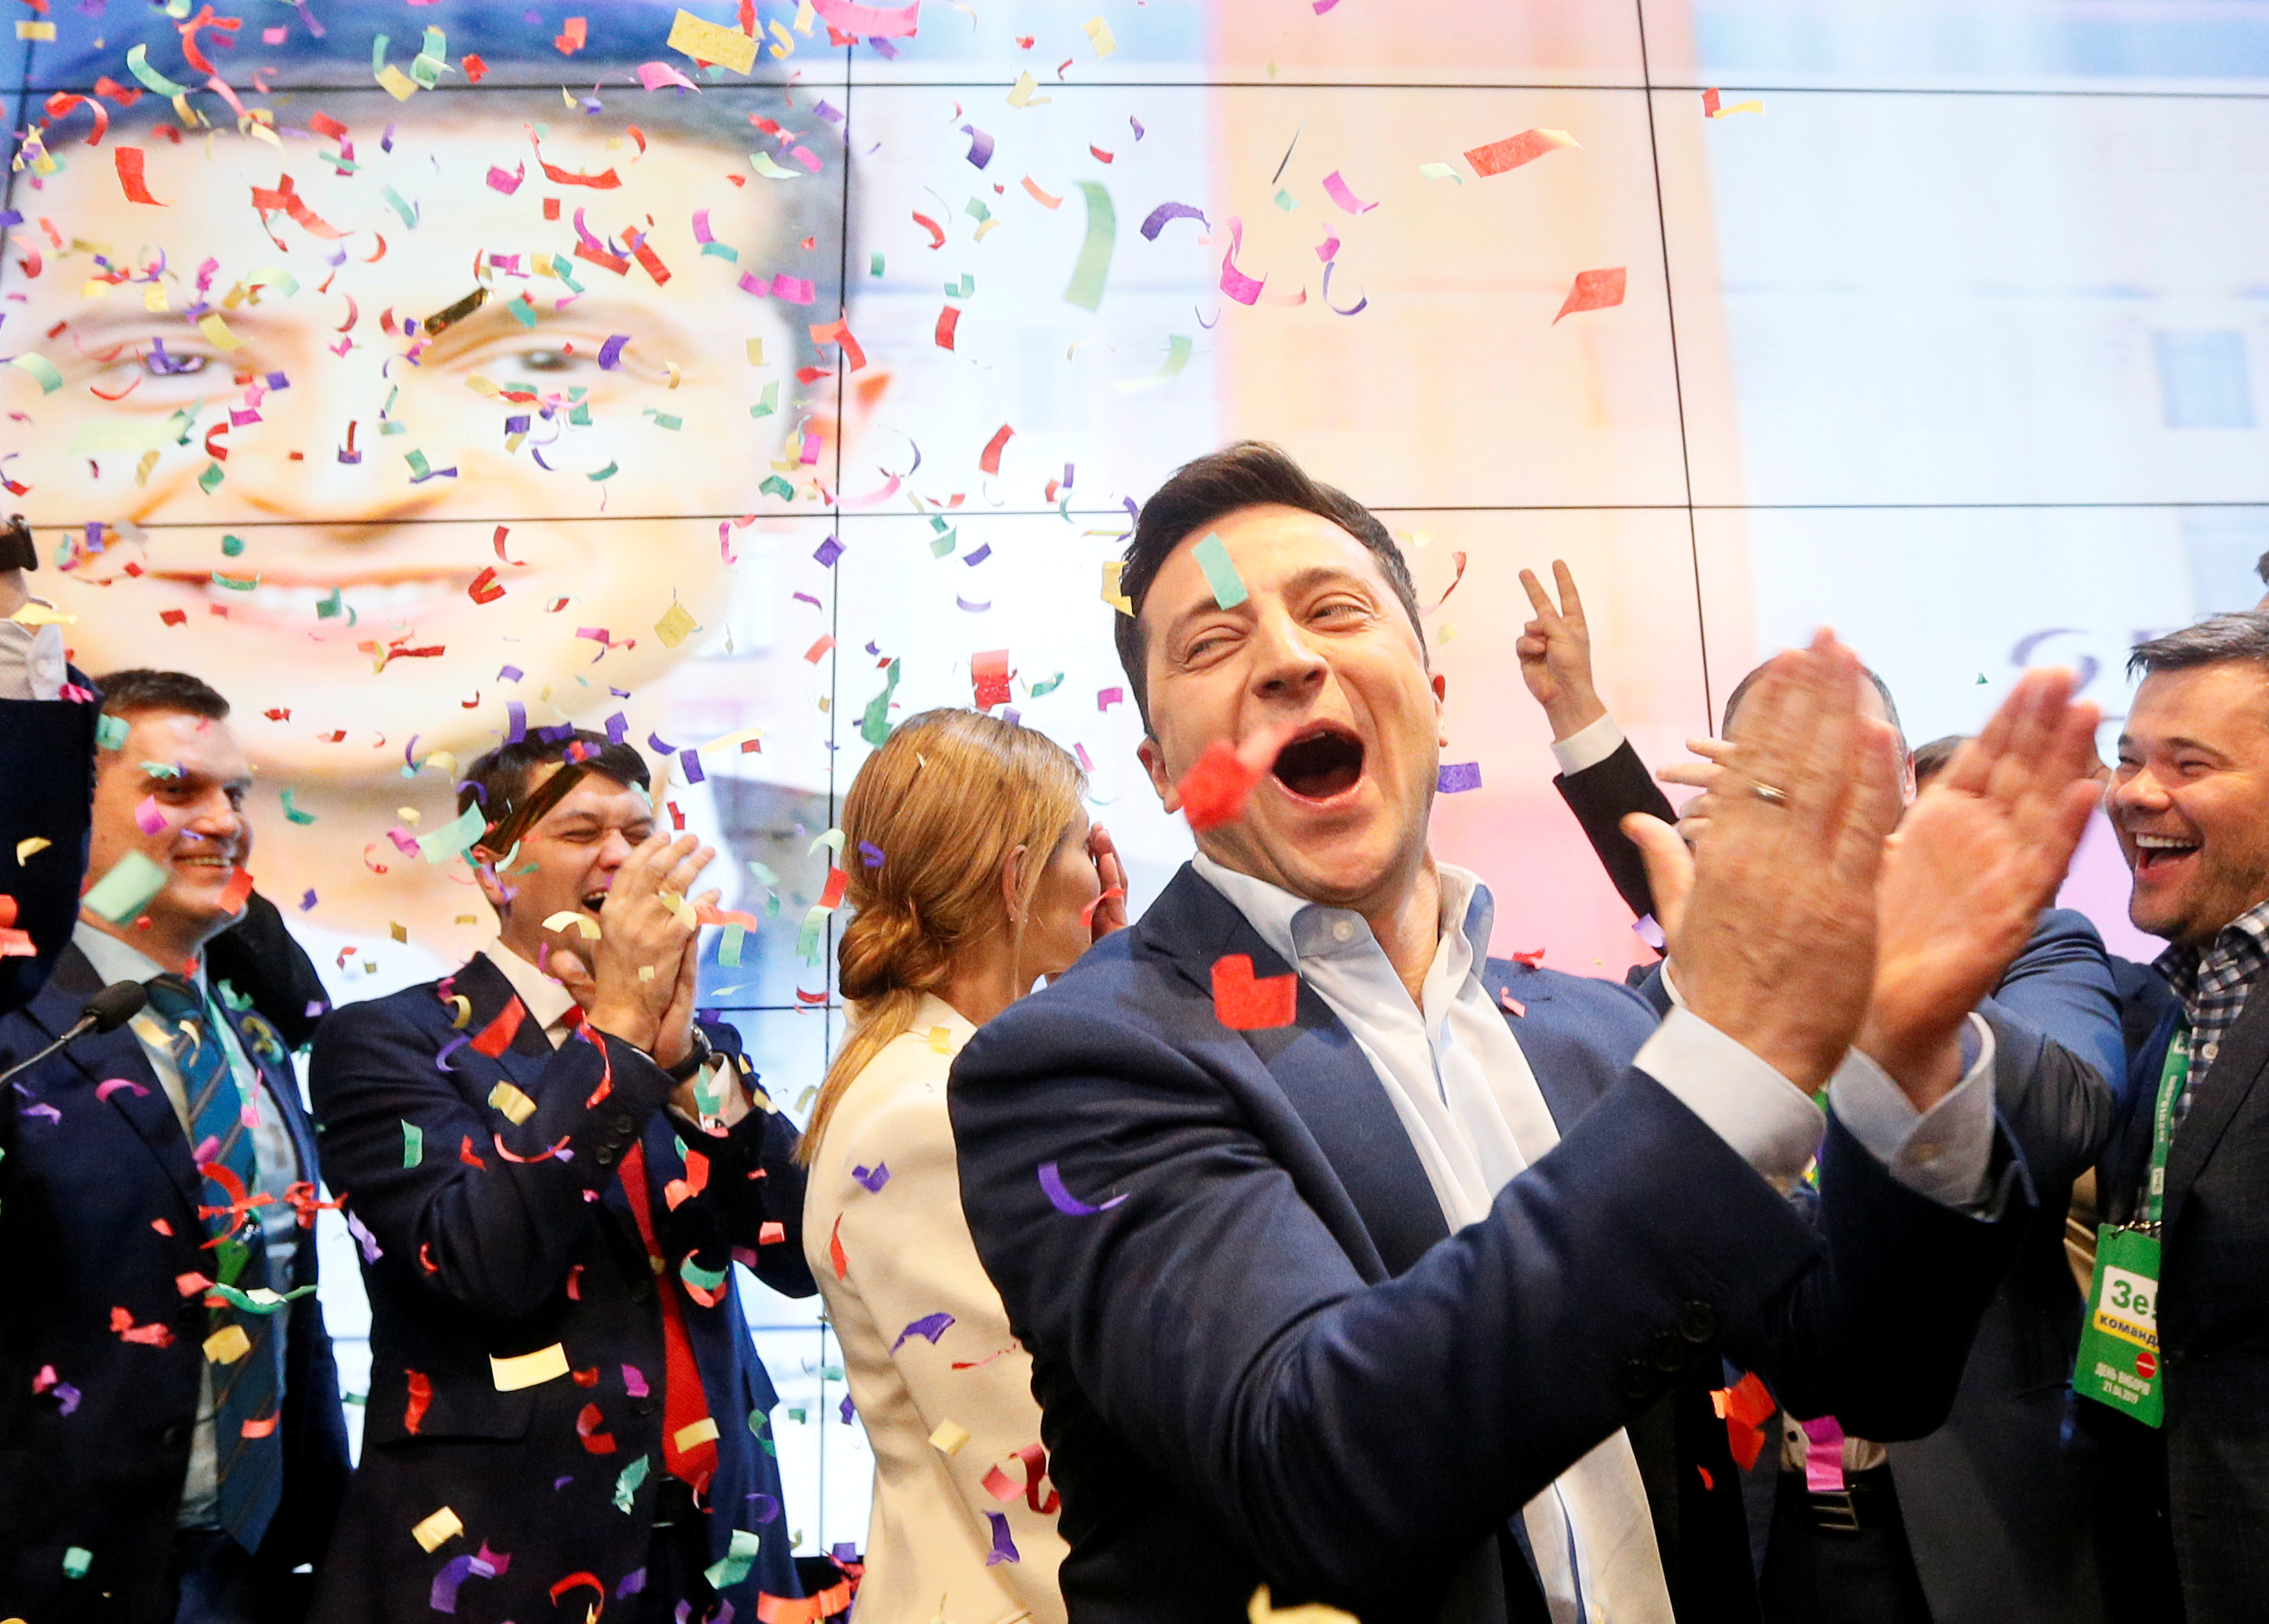 فولوديمير زيلينسكى يحتفل بفوزه برئاسة أوكرانيا